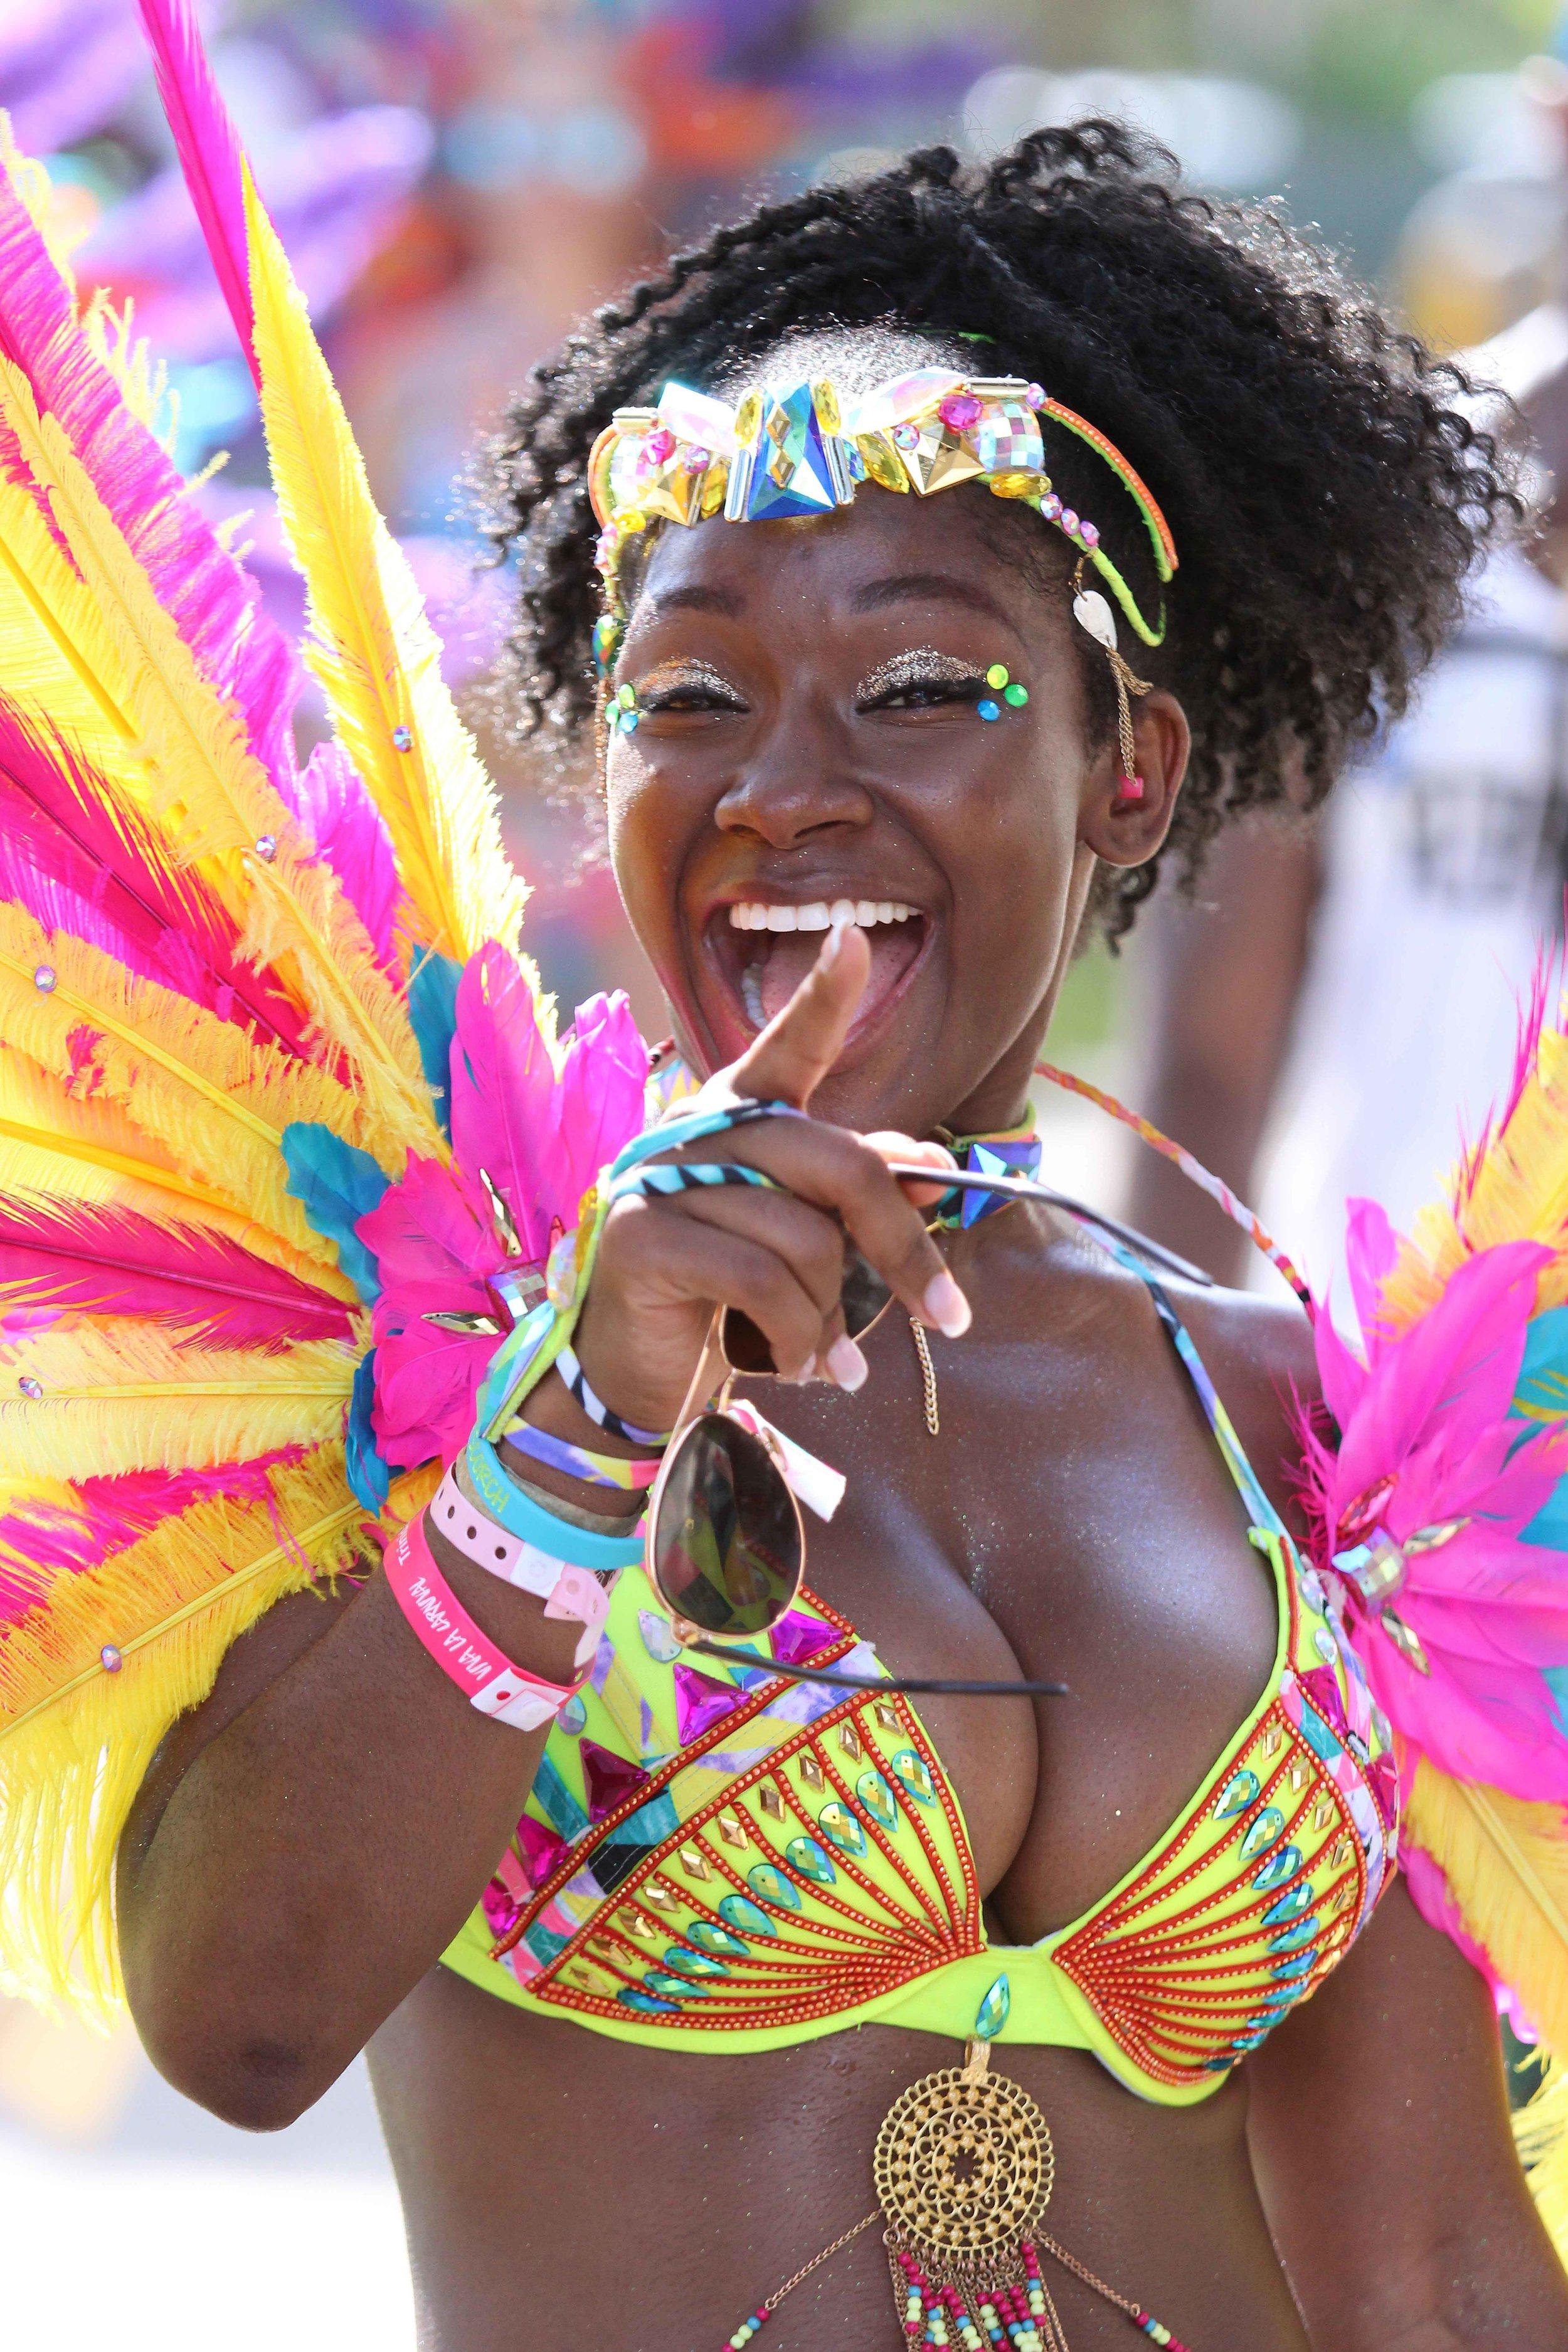 MiamiBro Carn17_2474_08-10-17-15-53-39enh.jpg